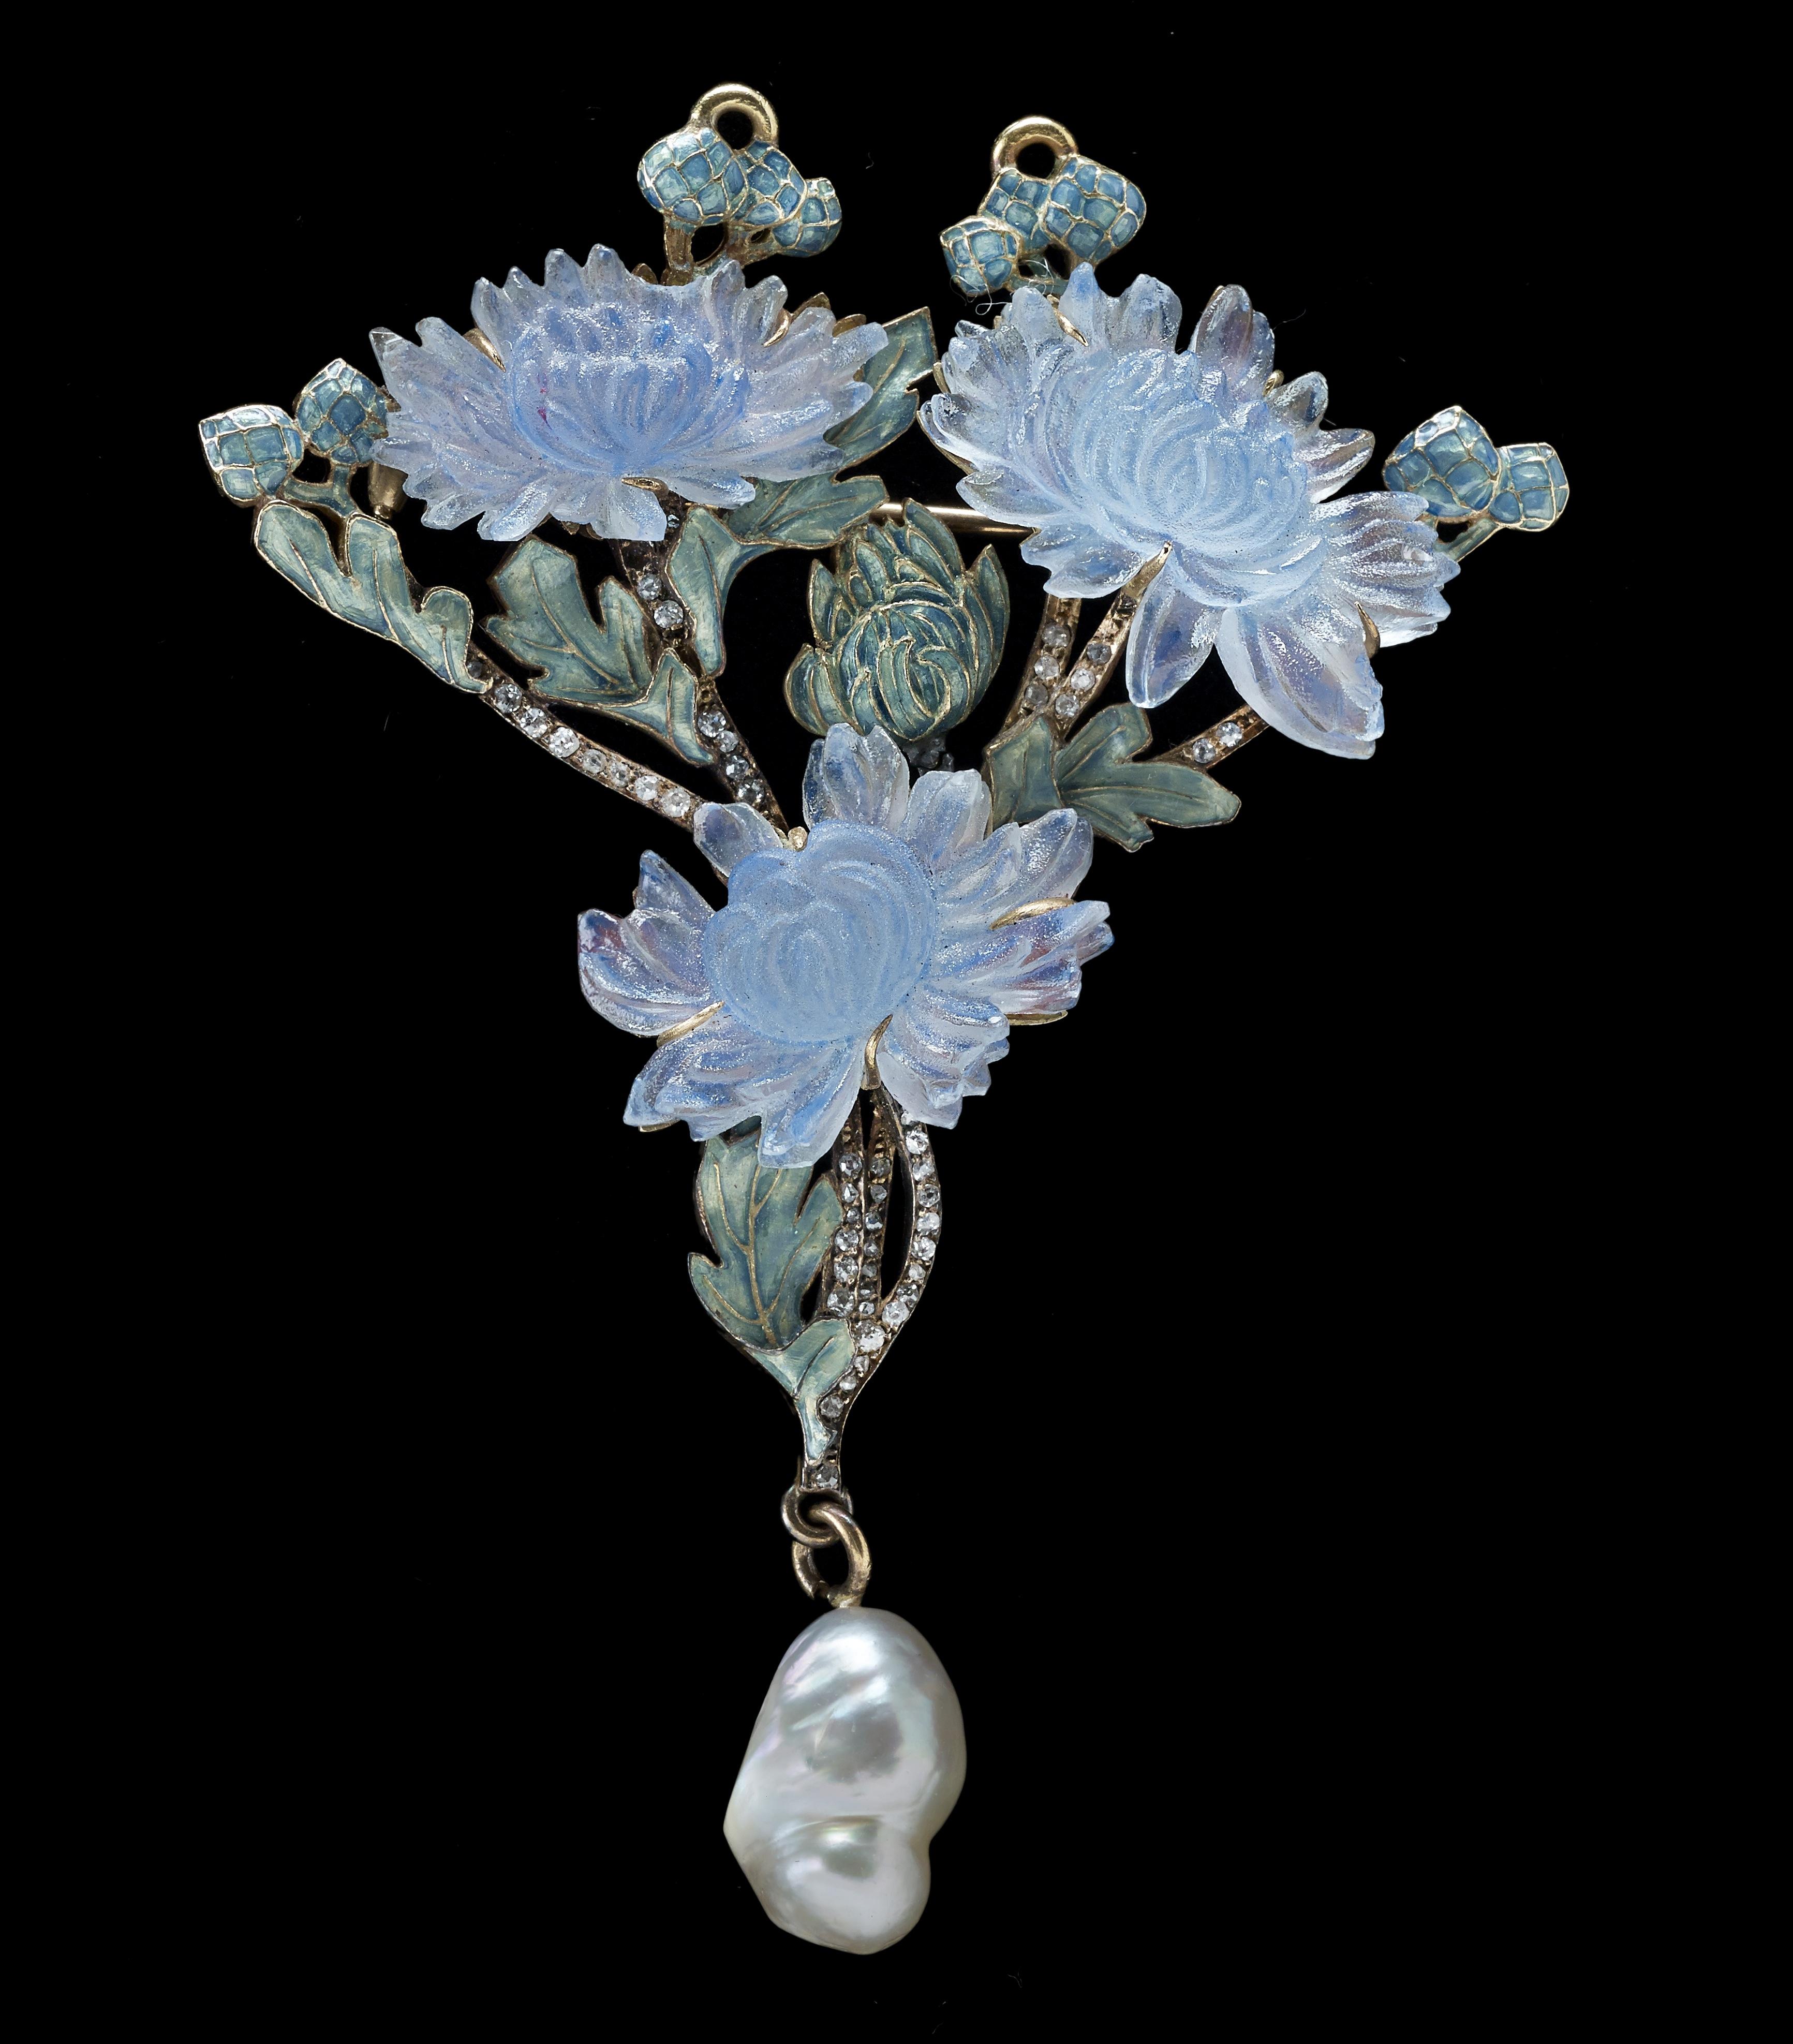 2-René-Lalique-Chrysanthemum-Pendant-Brooch